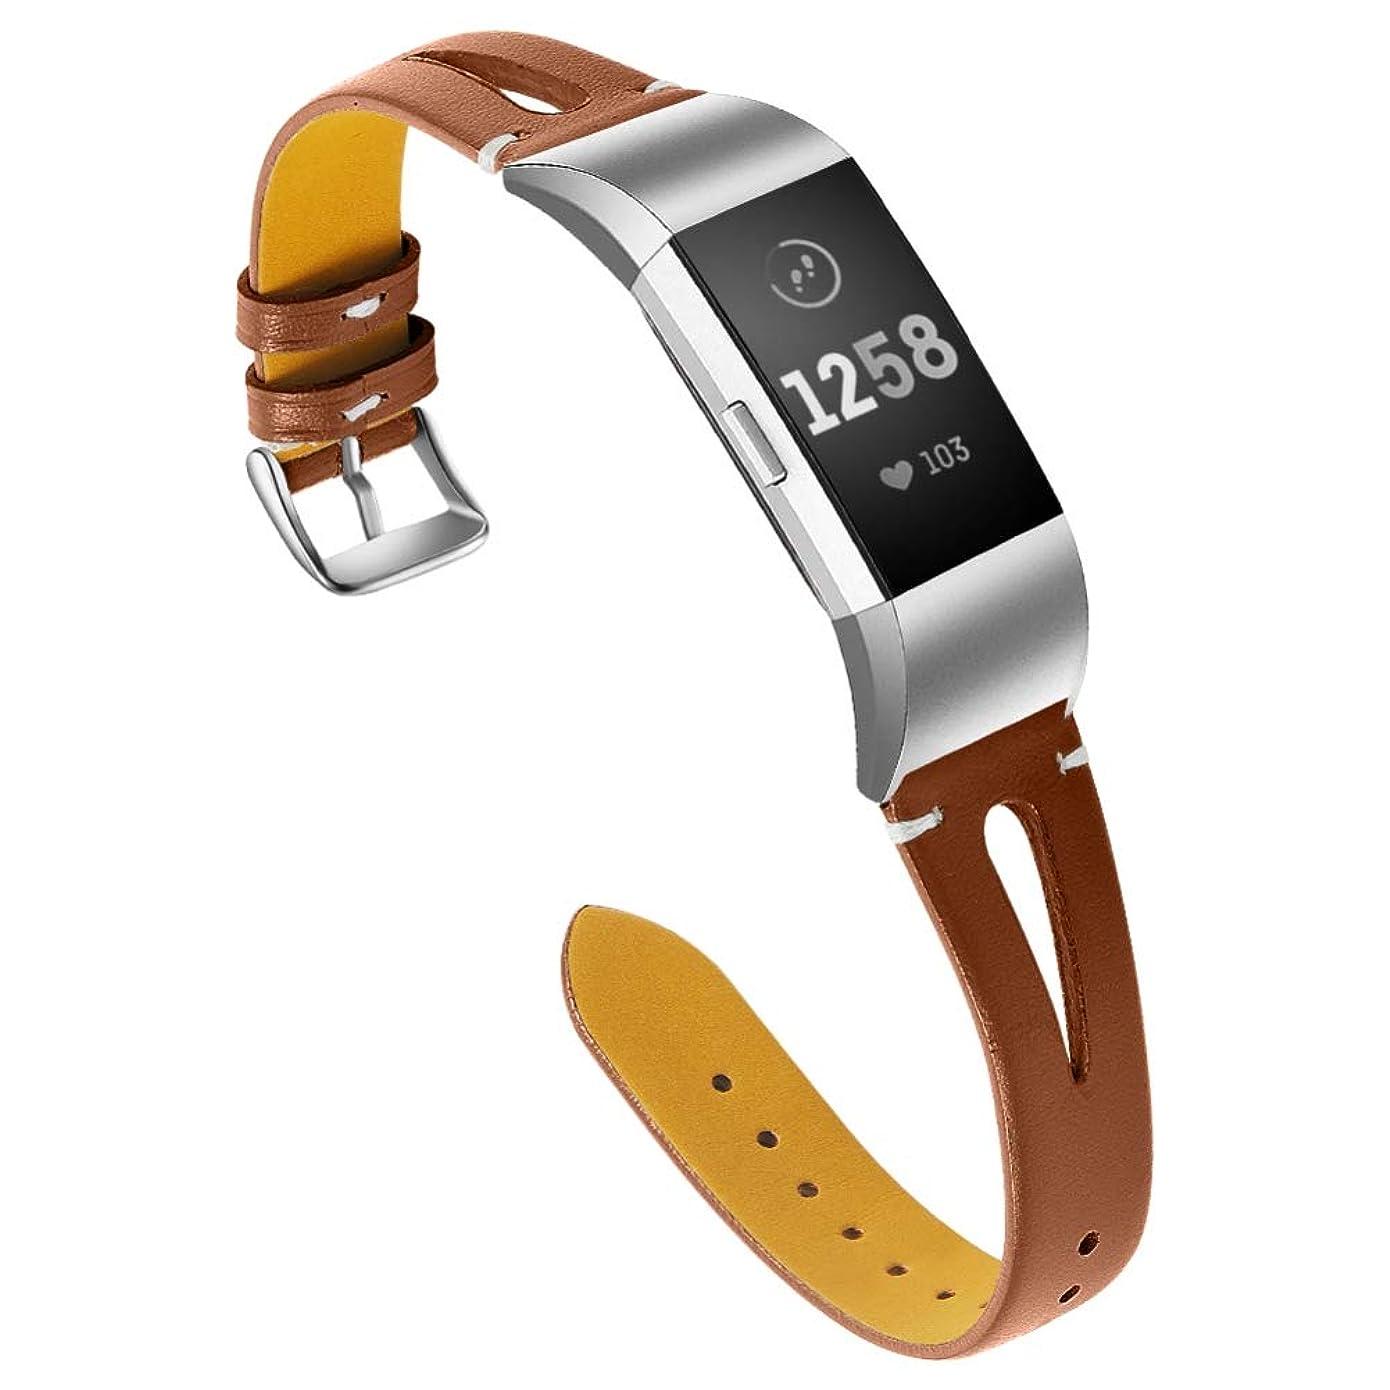 塗抹混沌プレフィックスZeonetak for Fitbit charge 2 コンパチブル 時計バンド for Fitbit charge2 交換バンド レザー 柔らか運動型 多色選択 耐久 おしゃれ 調整でき 工具不要